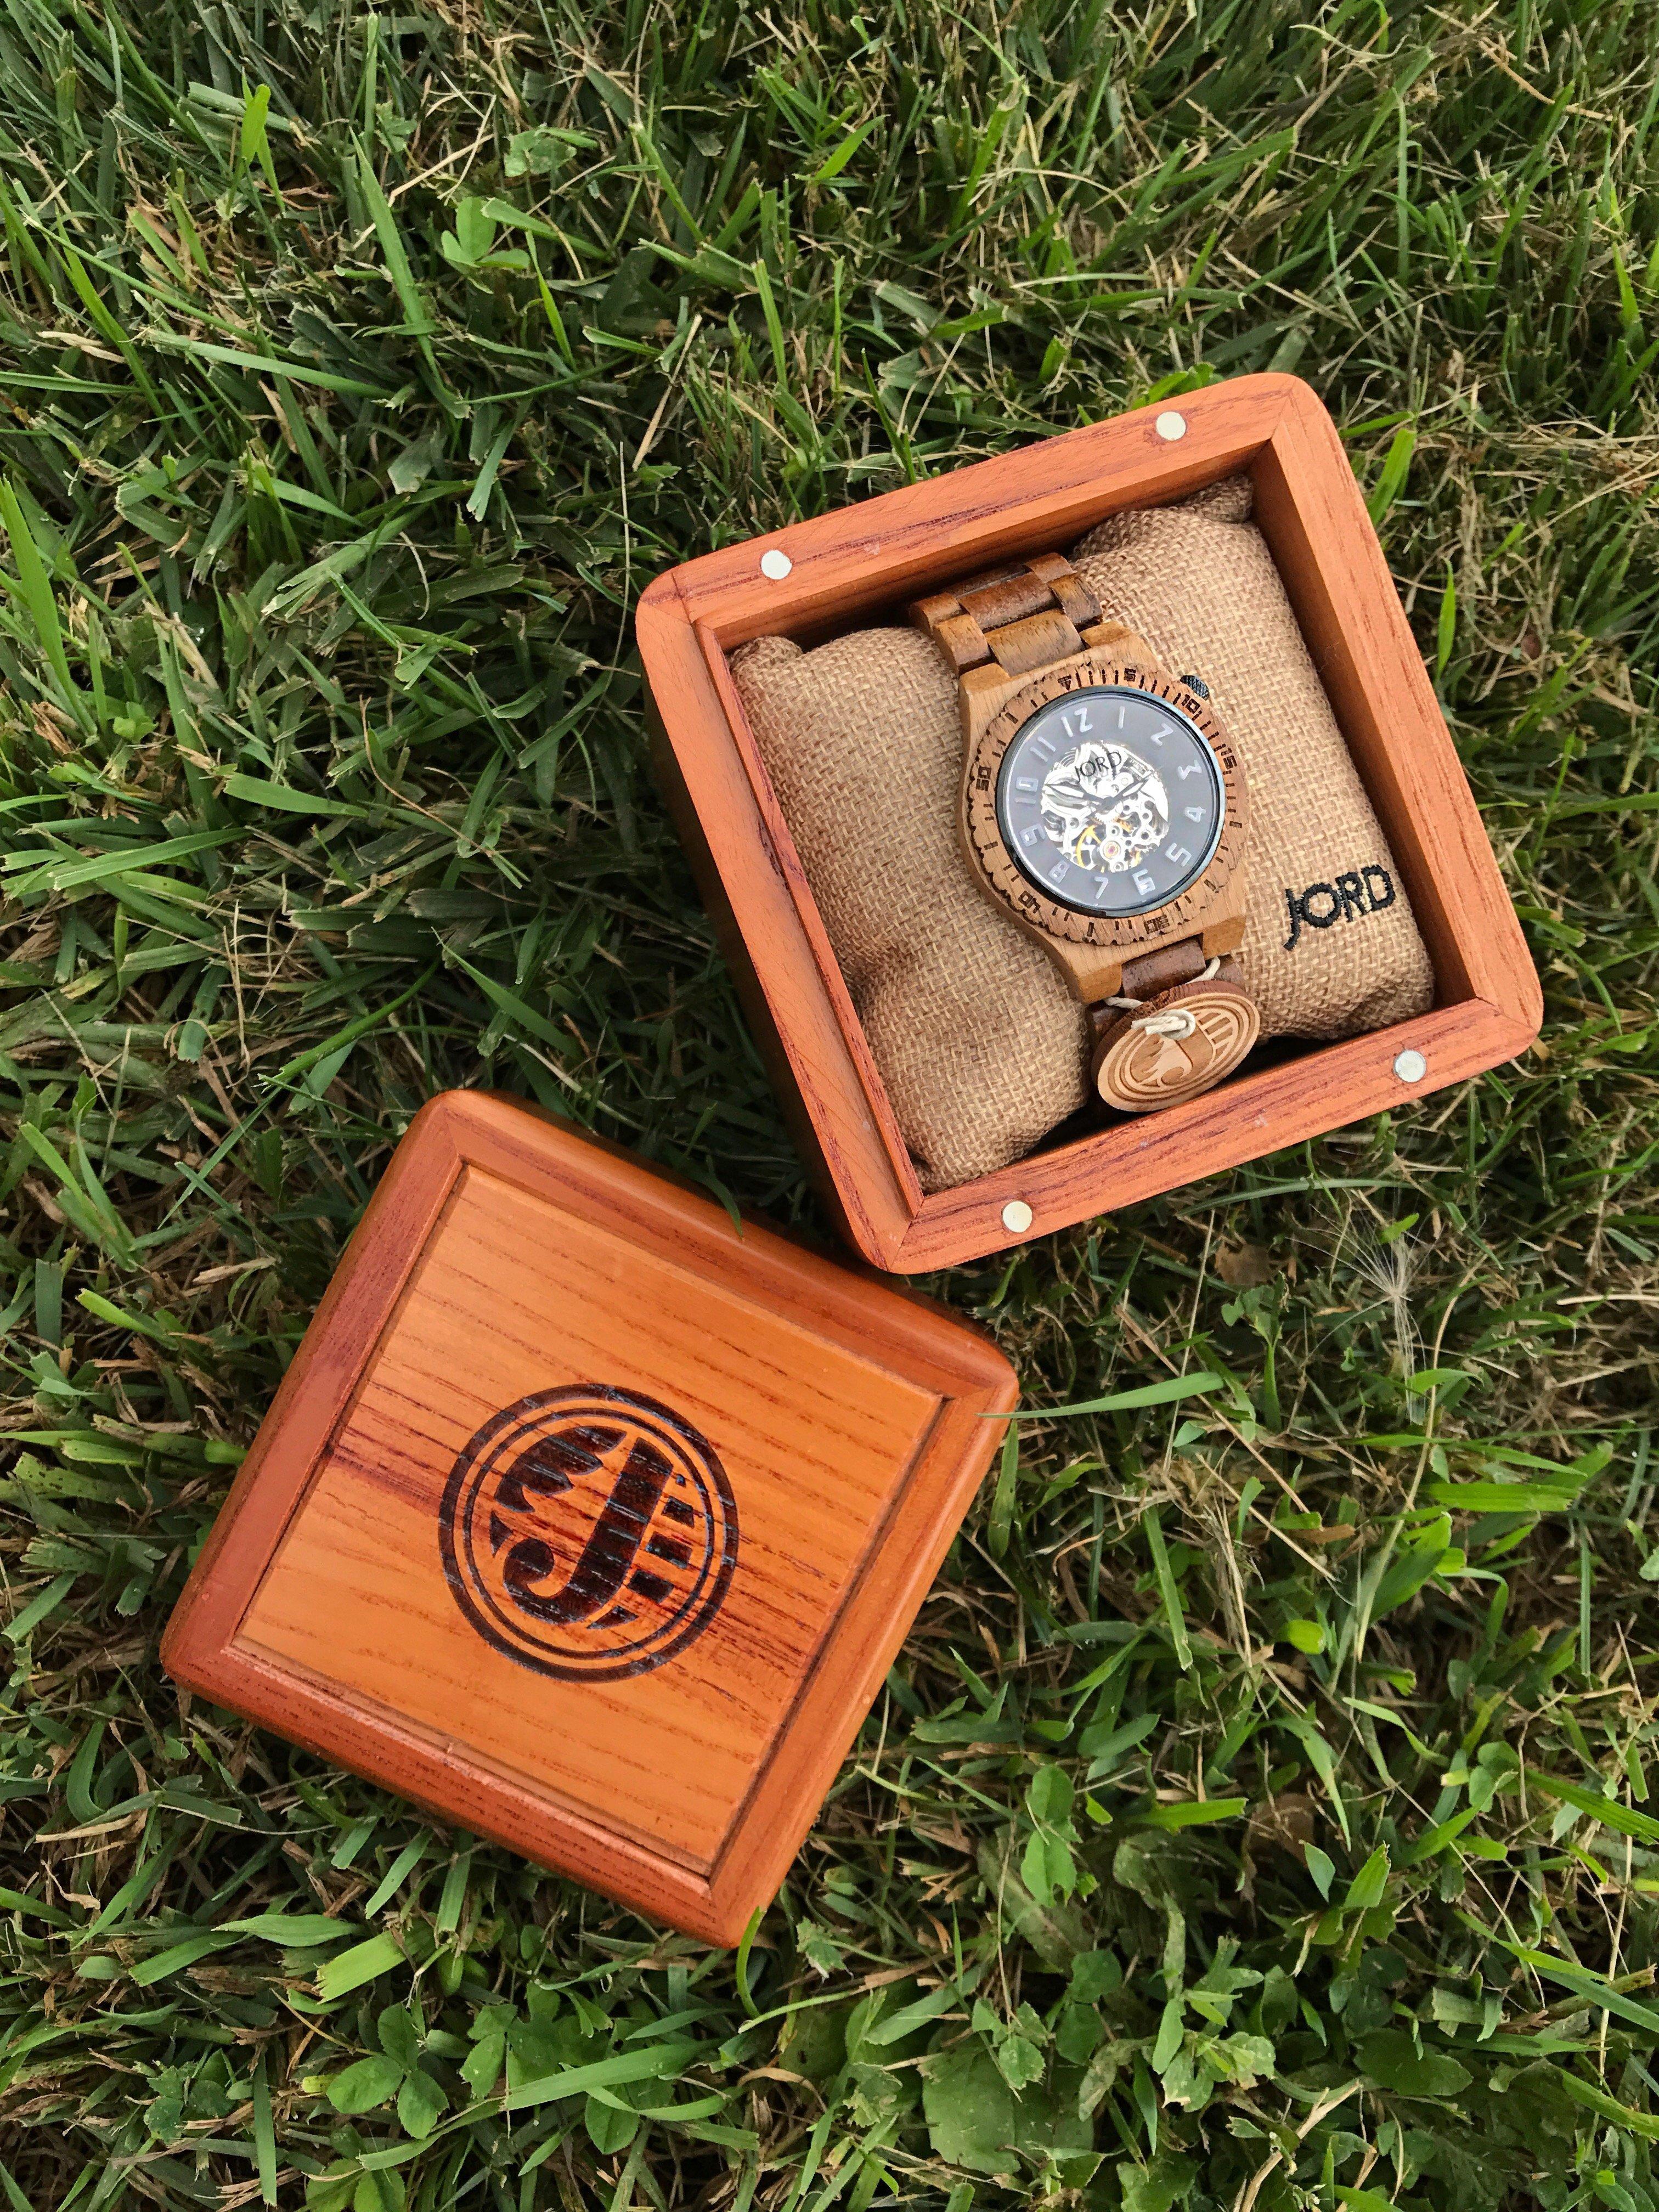 unique watch gift